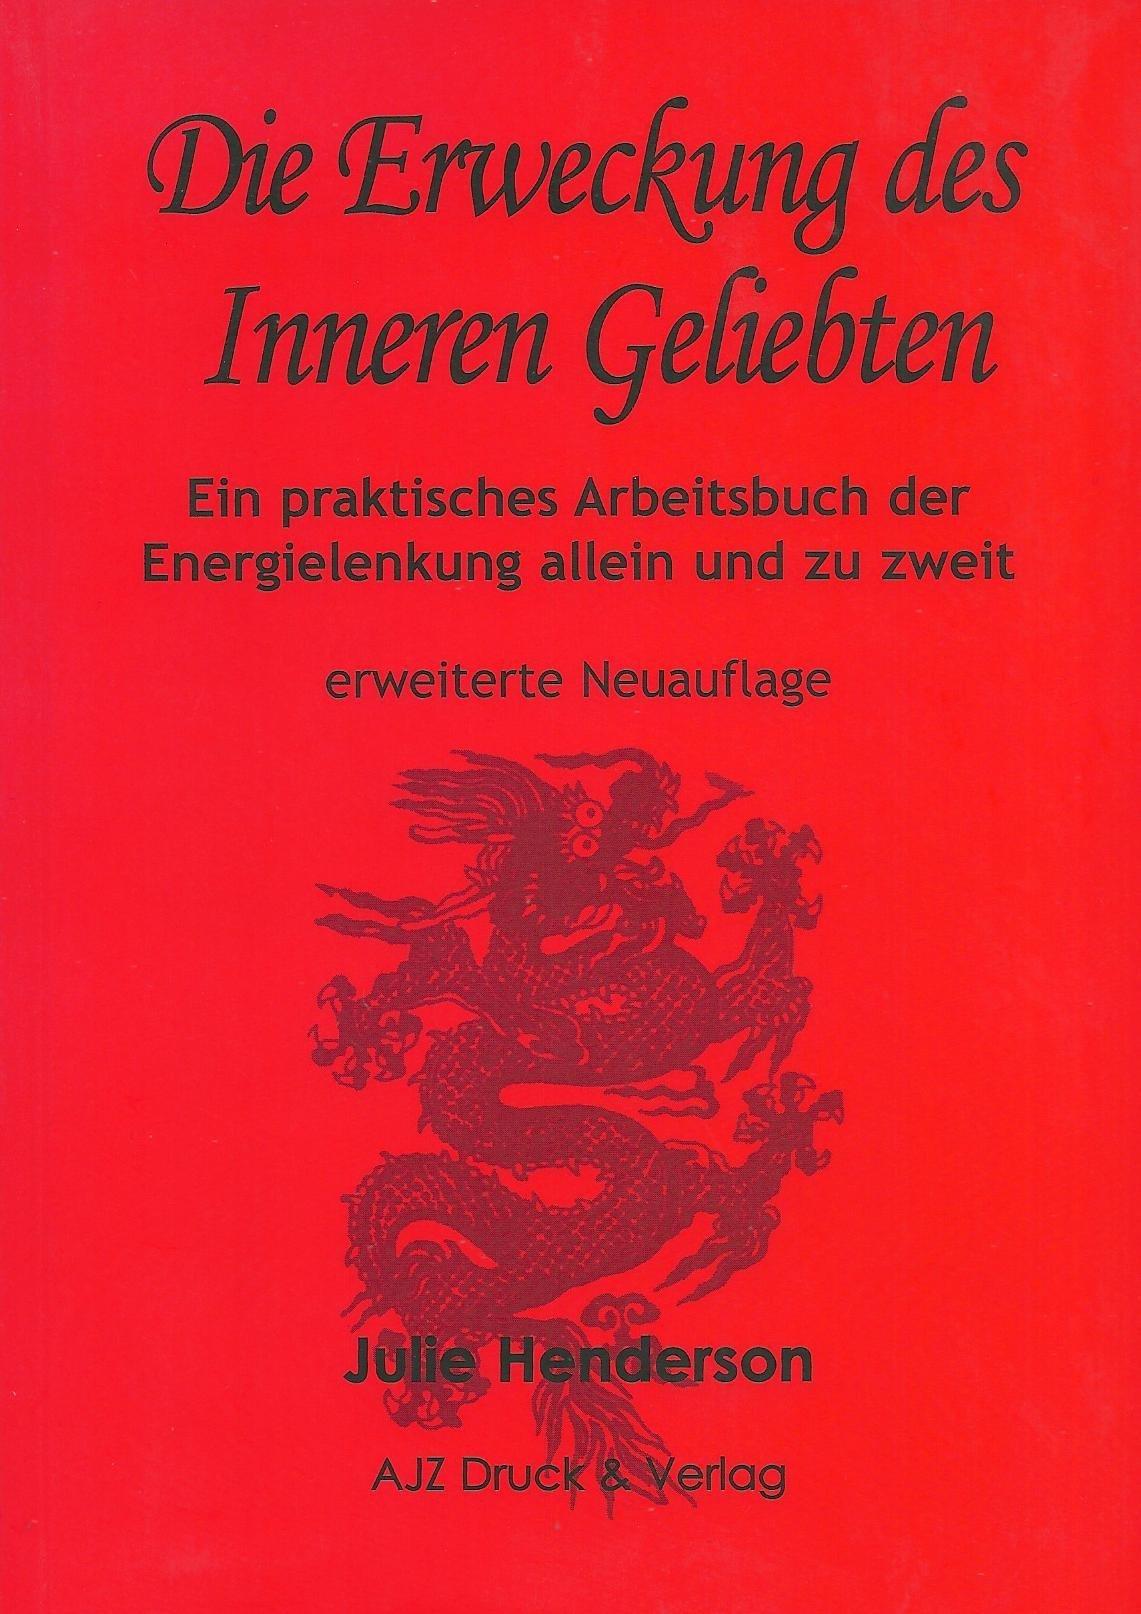 Die Erweckung des Inneren Geliebten: Ein praktisches Arbeitsbuch der Energielenkung allein und zu zweit